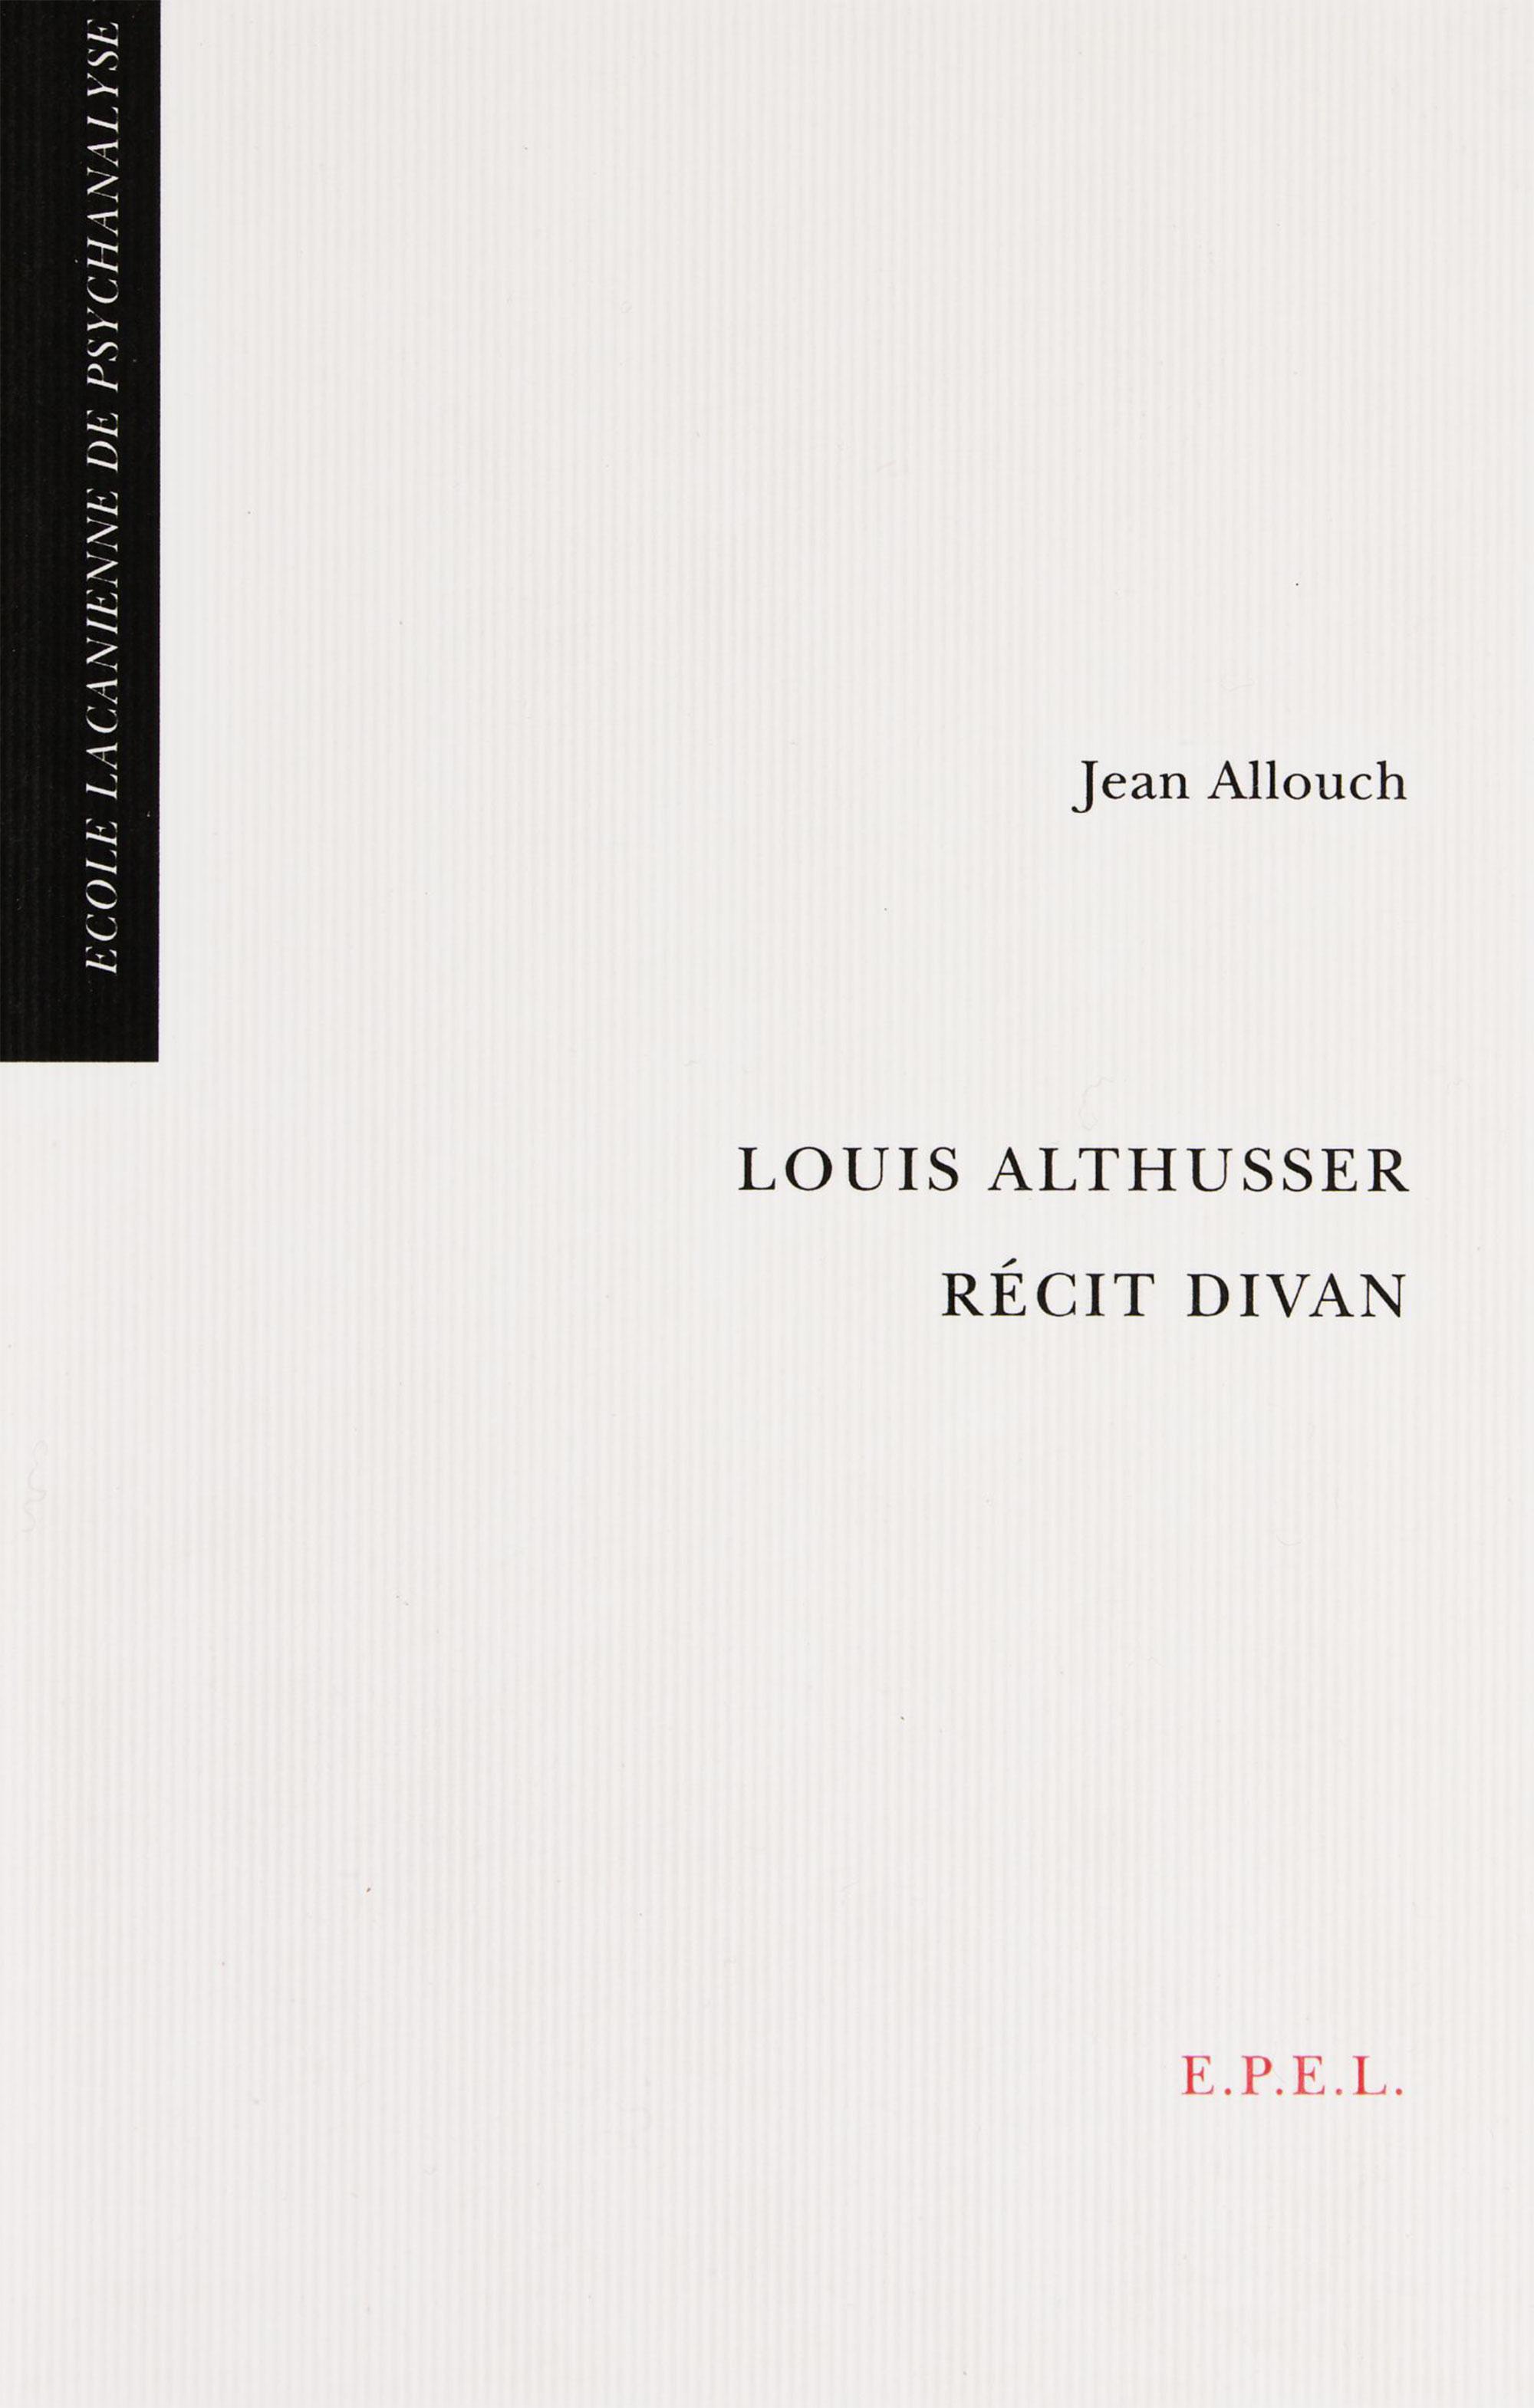 Louis Althusser, récit divan